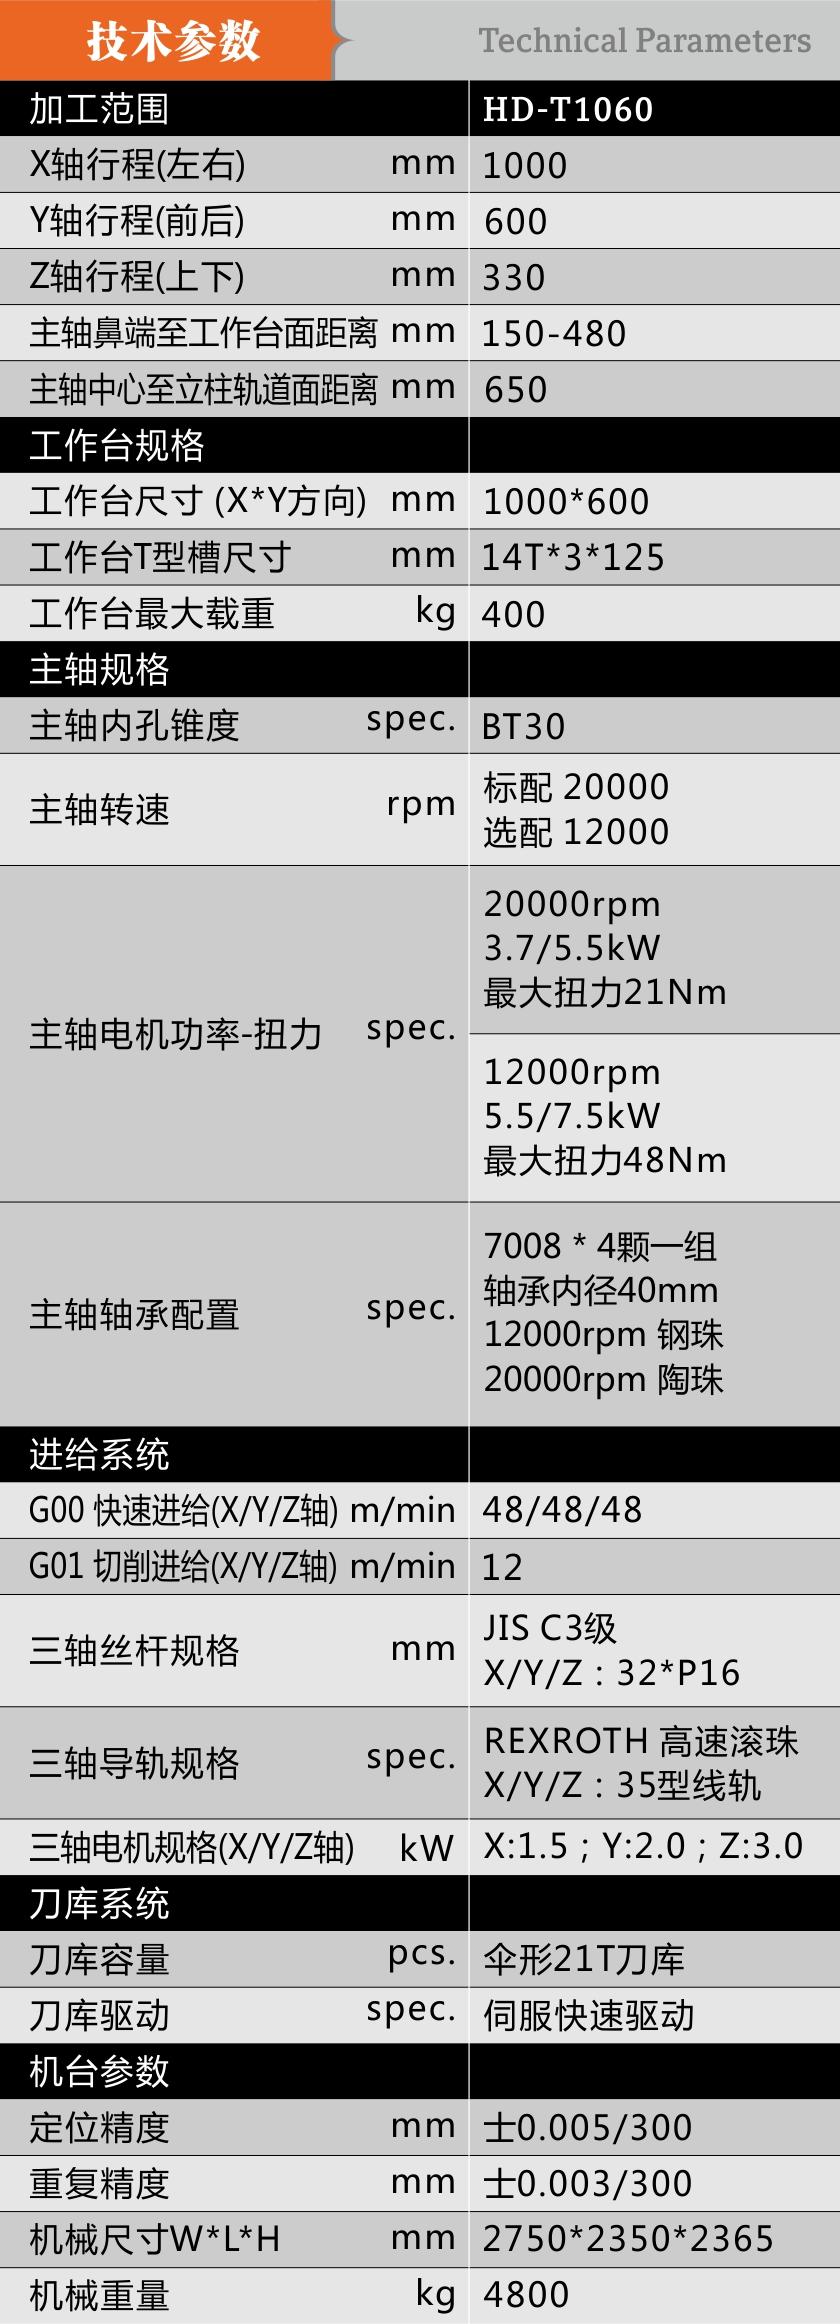 HD-T1060 高速高精钻孔攻牙机